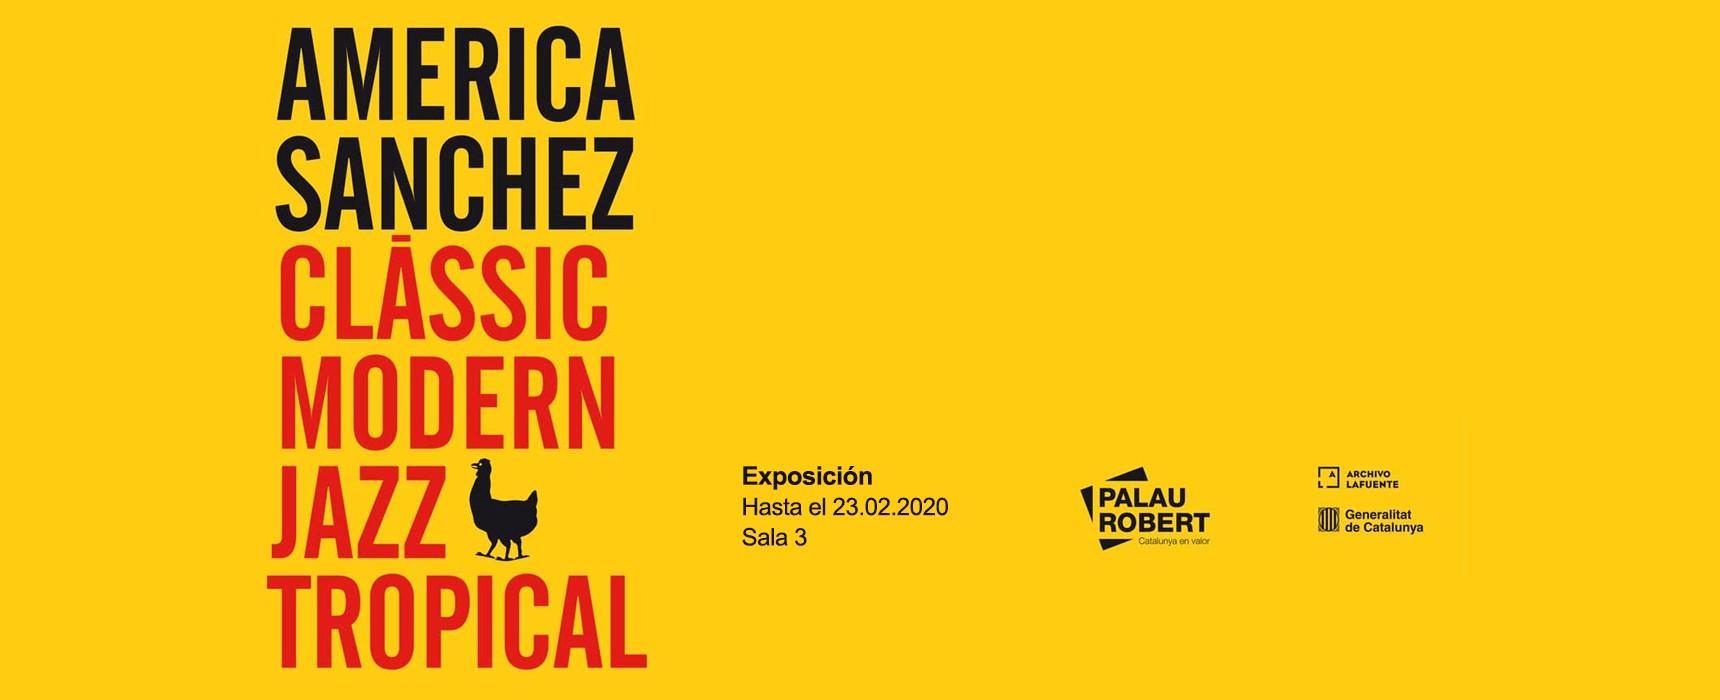 América Sánchez - Exposición Palau Robert